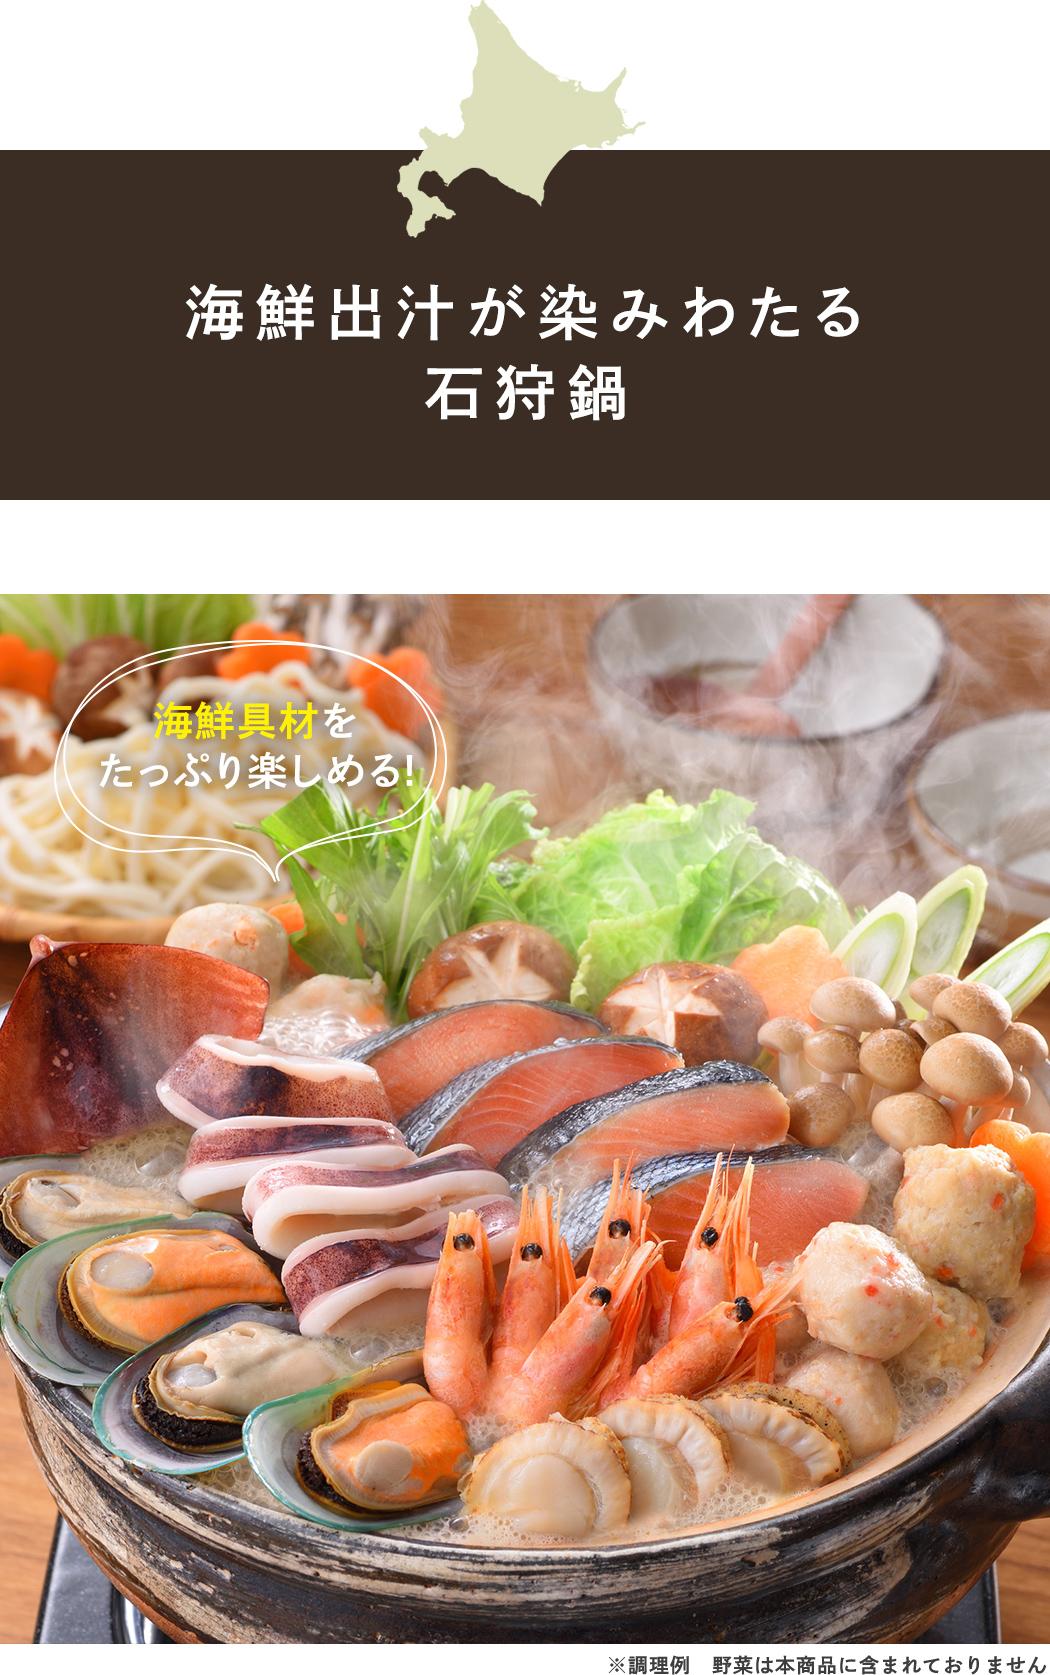 石狩鍋 鮭 海鮮鍋 小樽 北海道